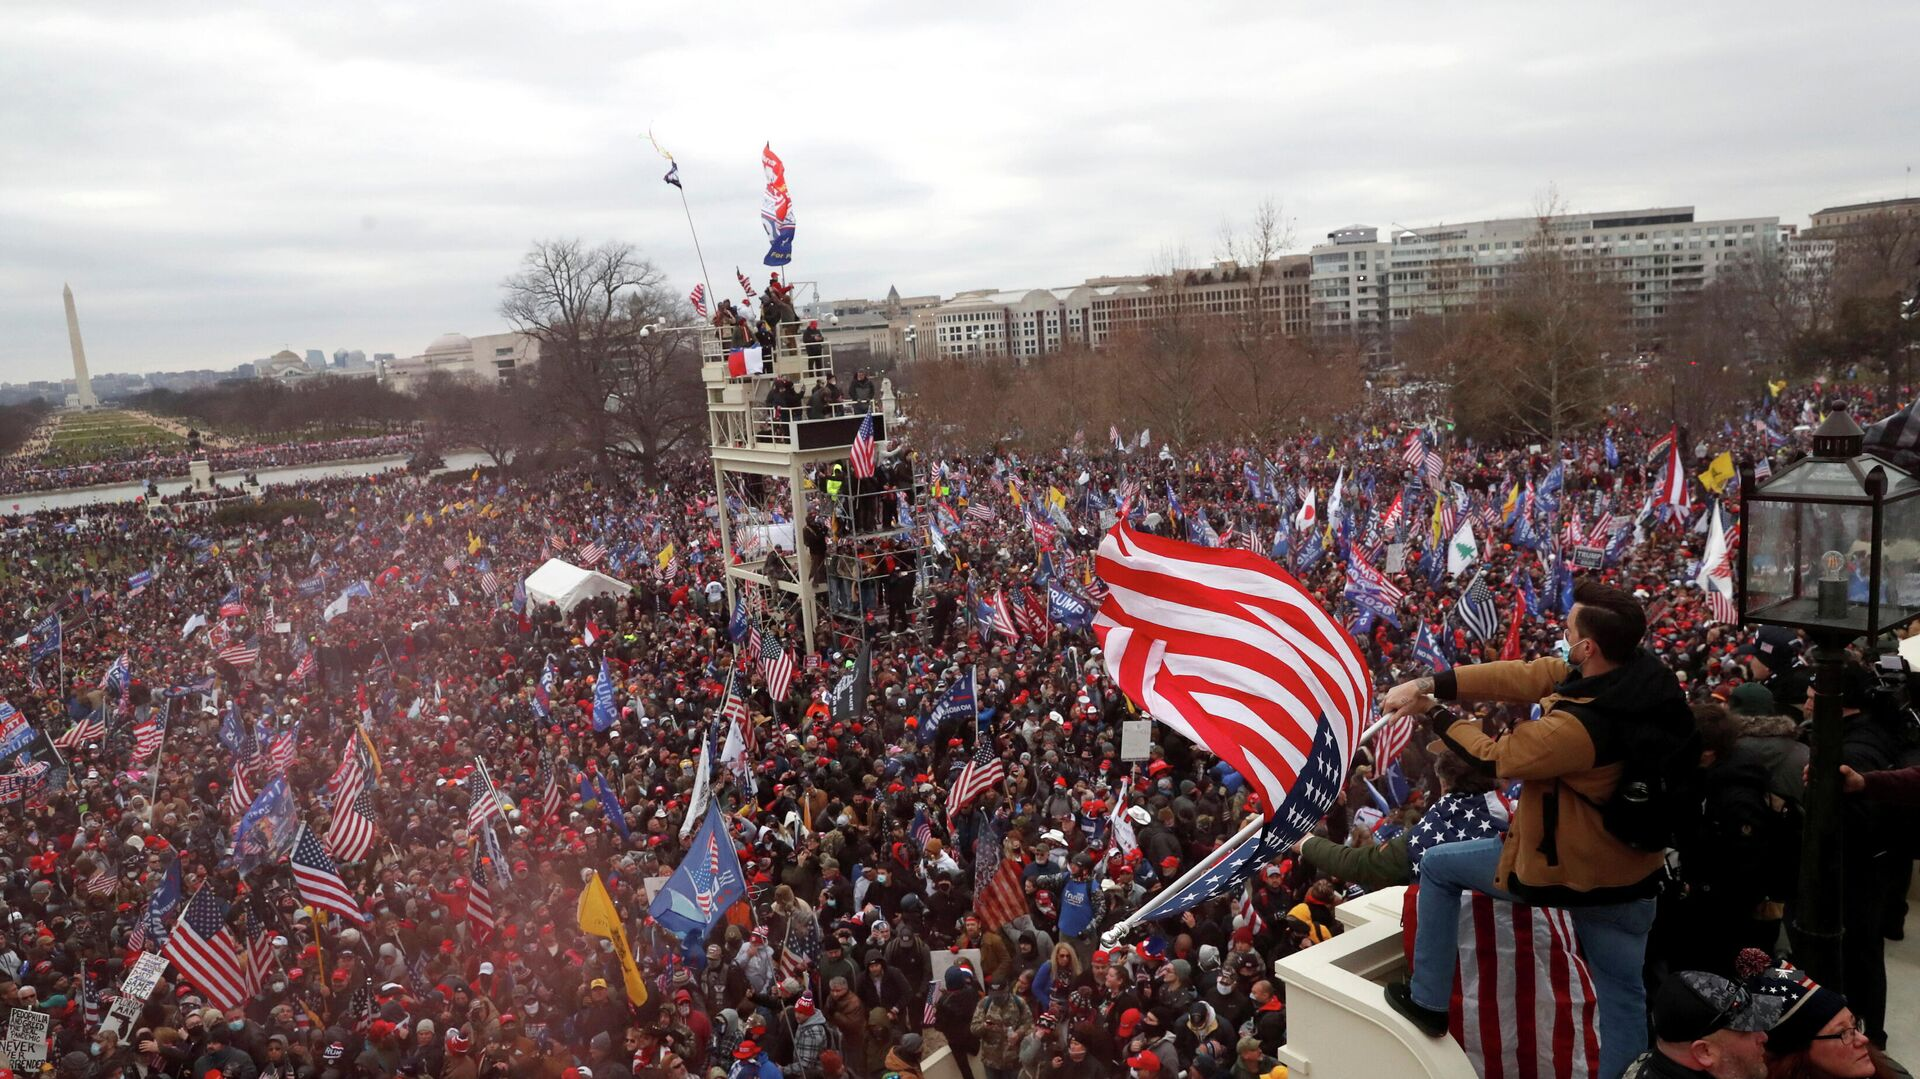 Участники акции сторонников действующего президента США Дональда Трампа у здания конгресса в Вашингтоне - РИА Новости, 1920, 08.01.2021